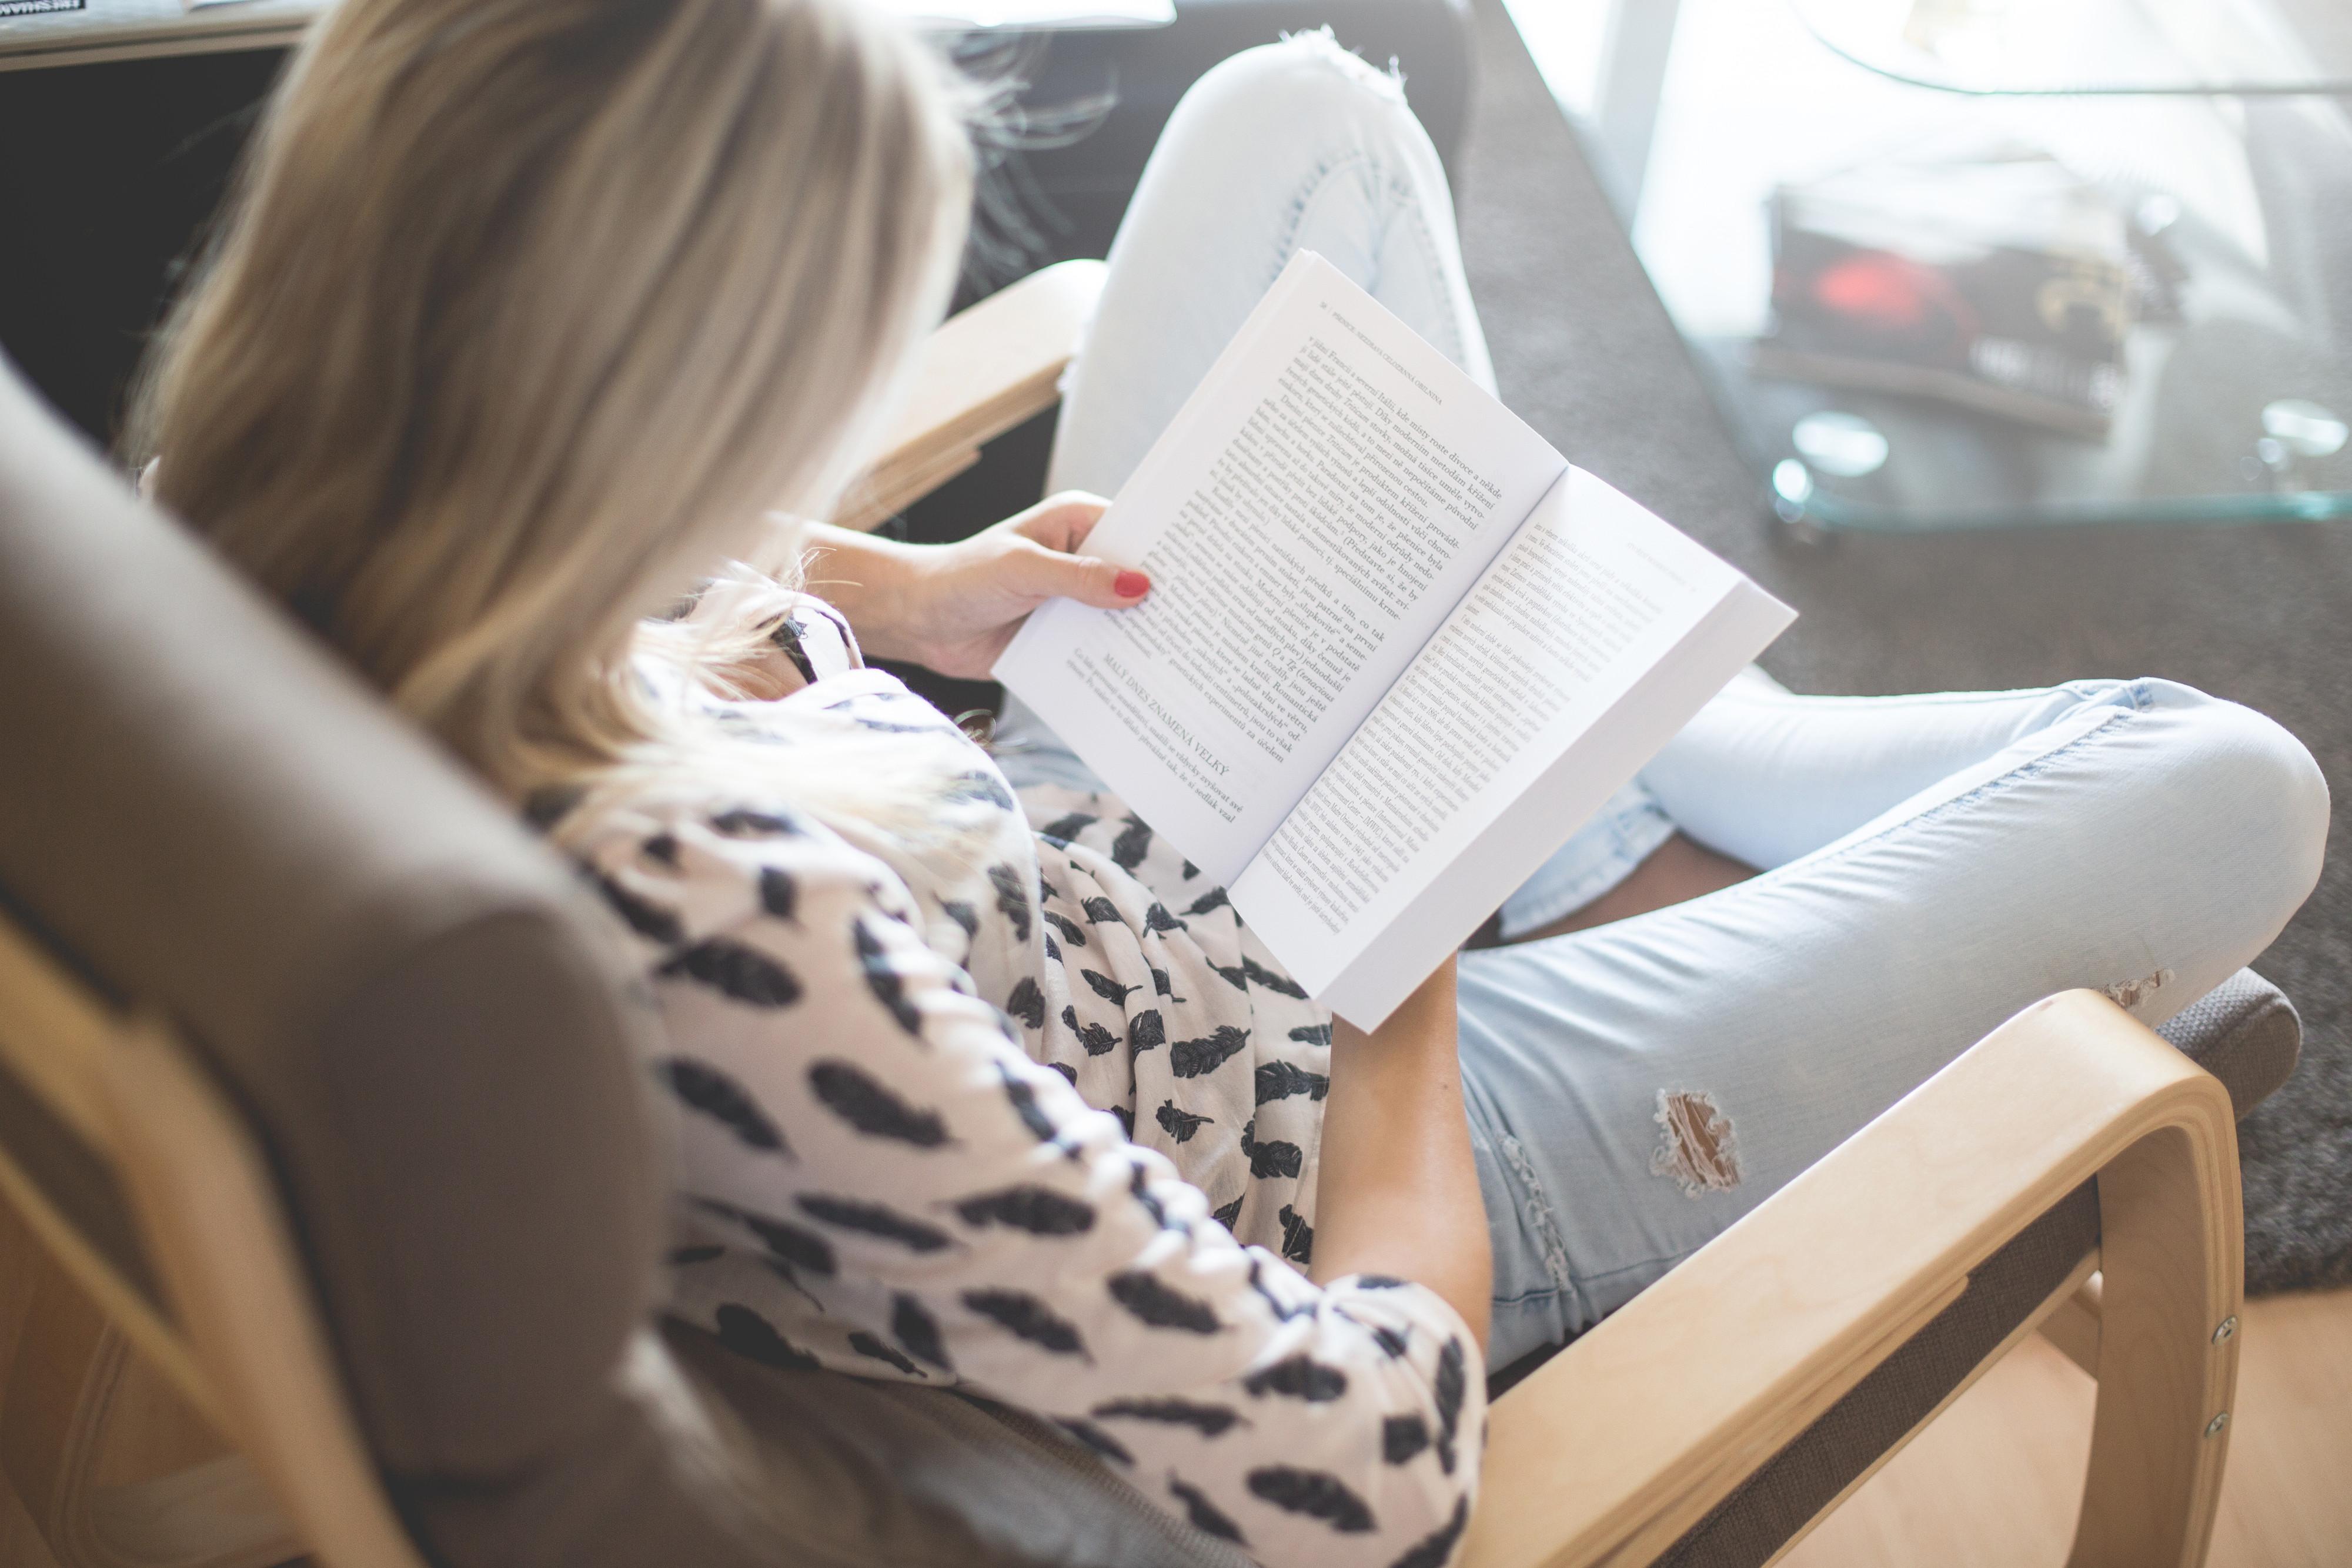 拉筋,閱讀,女人,放空,日記。(圖/取自LibreStock網站)